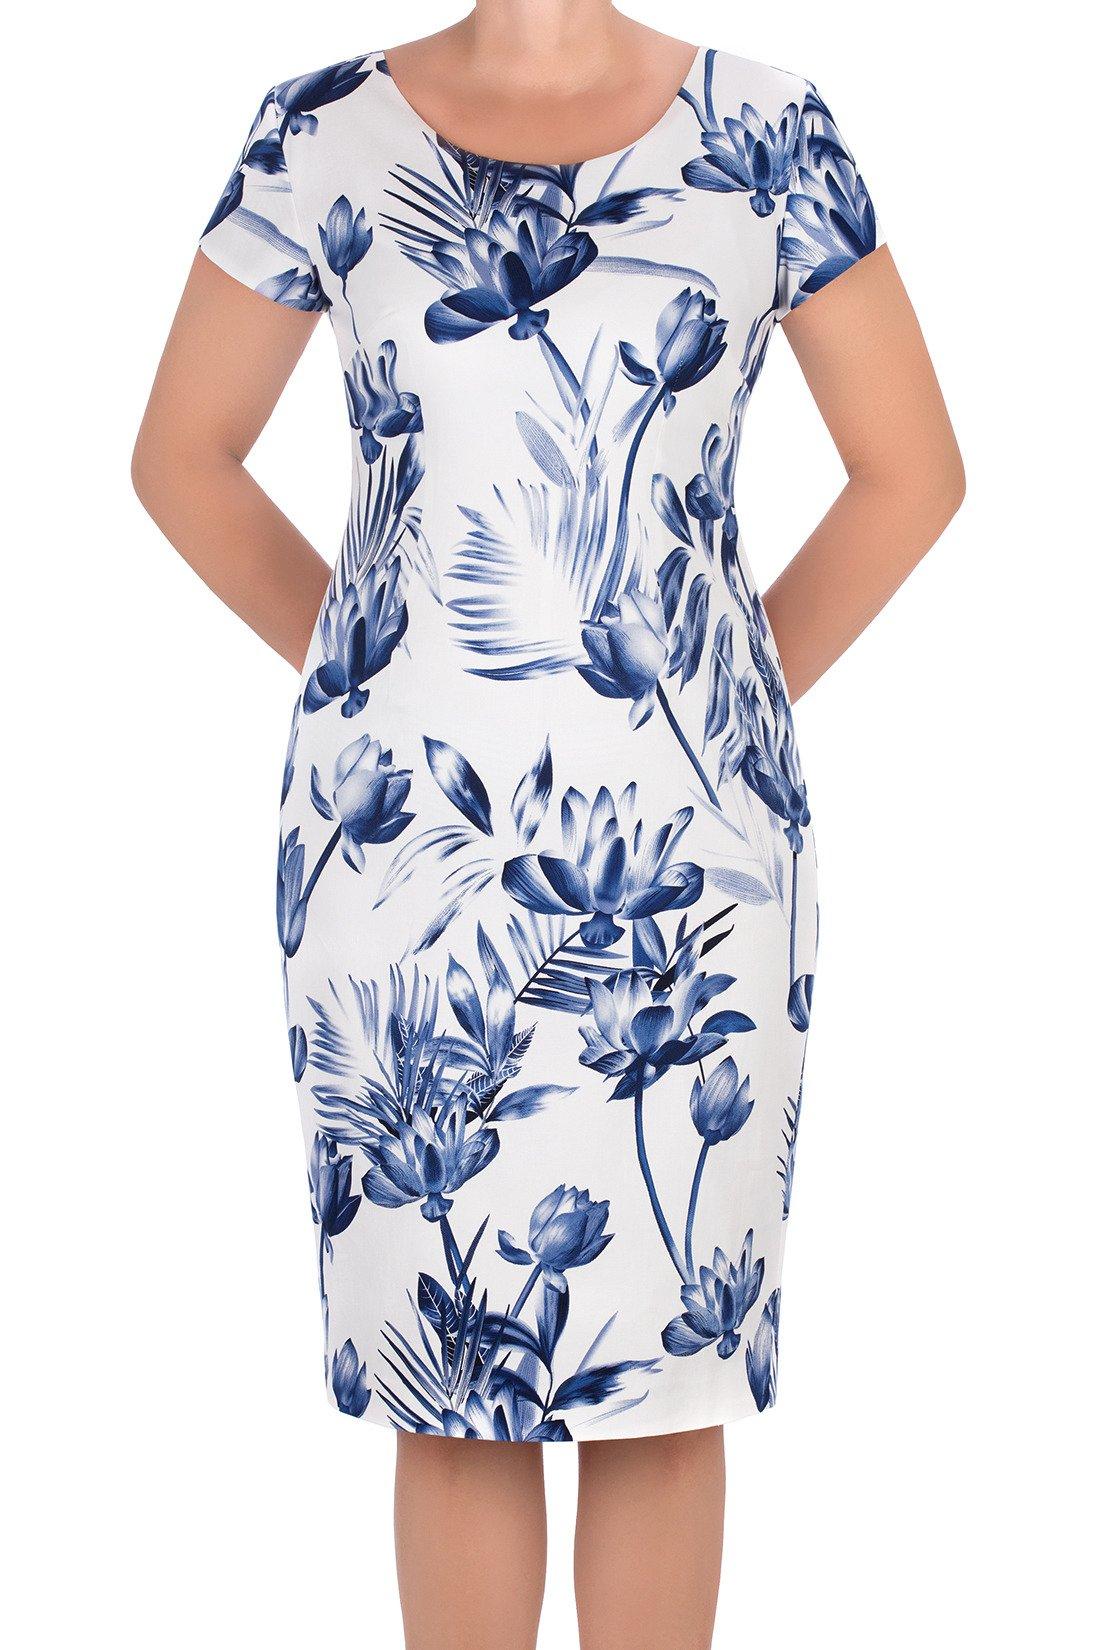 29100d5a287d Sukienka Dagon 2631 ecru w niebieskie kwiaty bawełniana